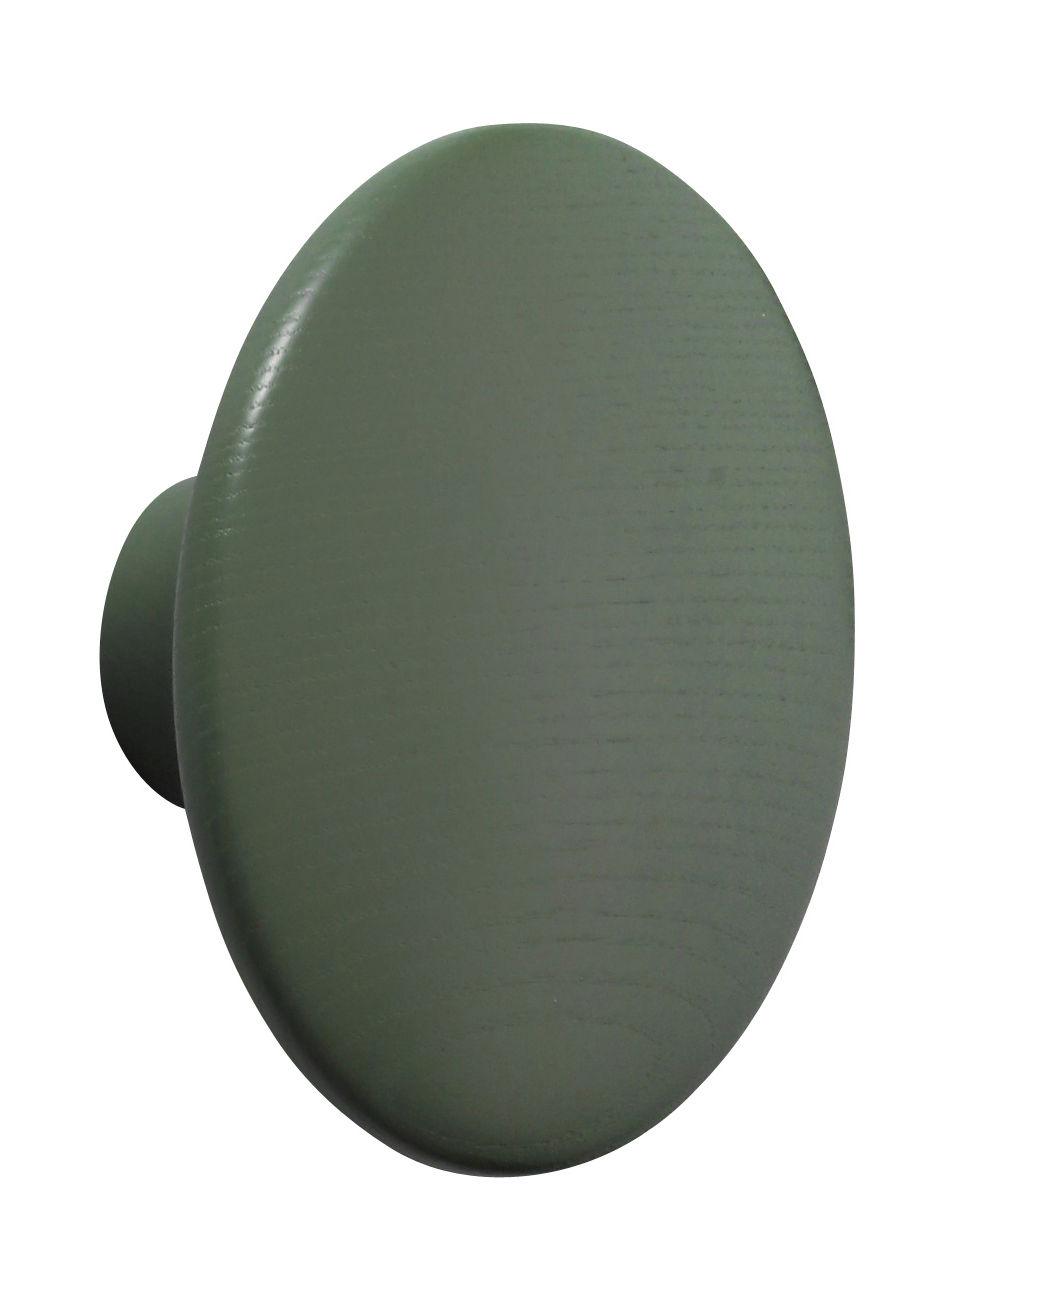 Arredamento - Appendiabiti  - Appendiabiti The Dots - / Medium - Ø 13 cm di Muuto - Verde Dusty - Frassino tinto